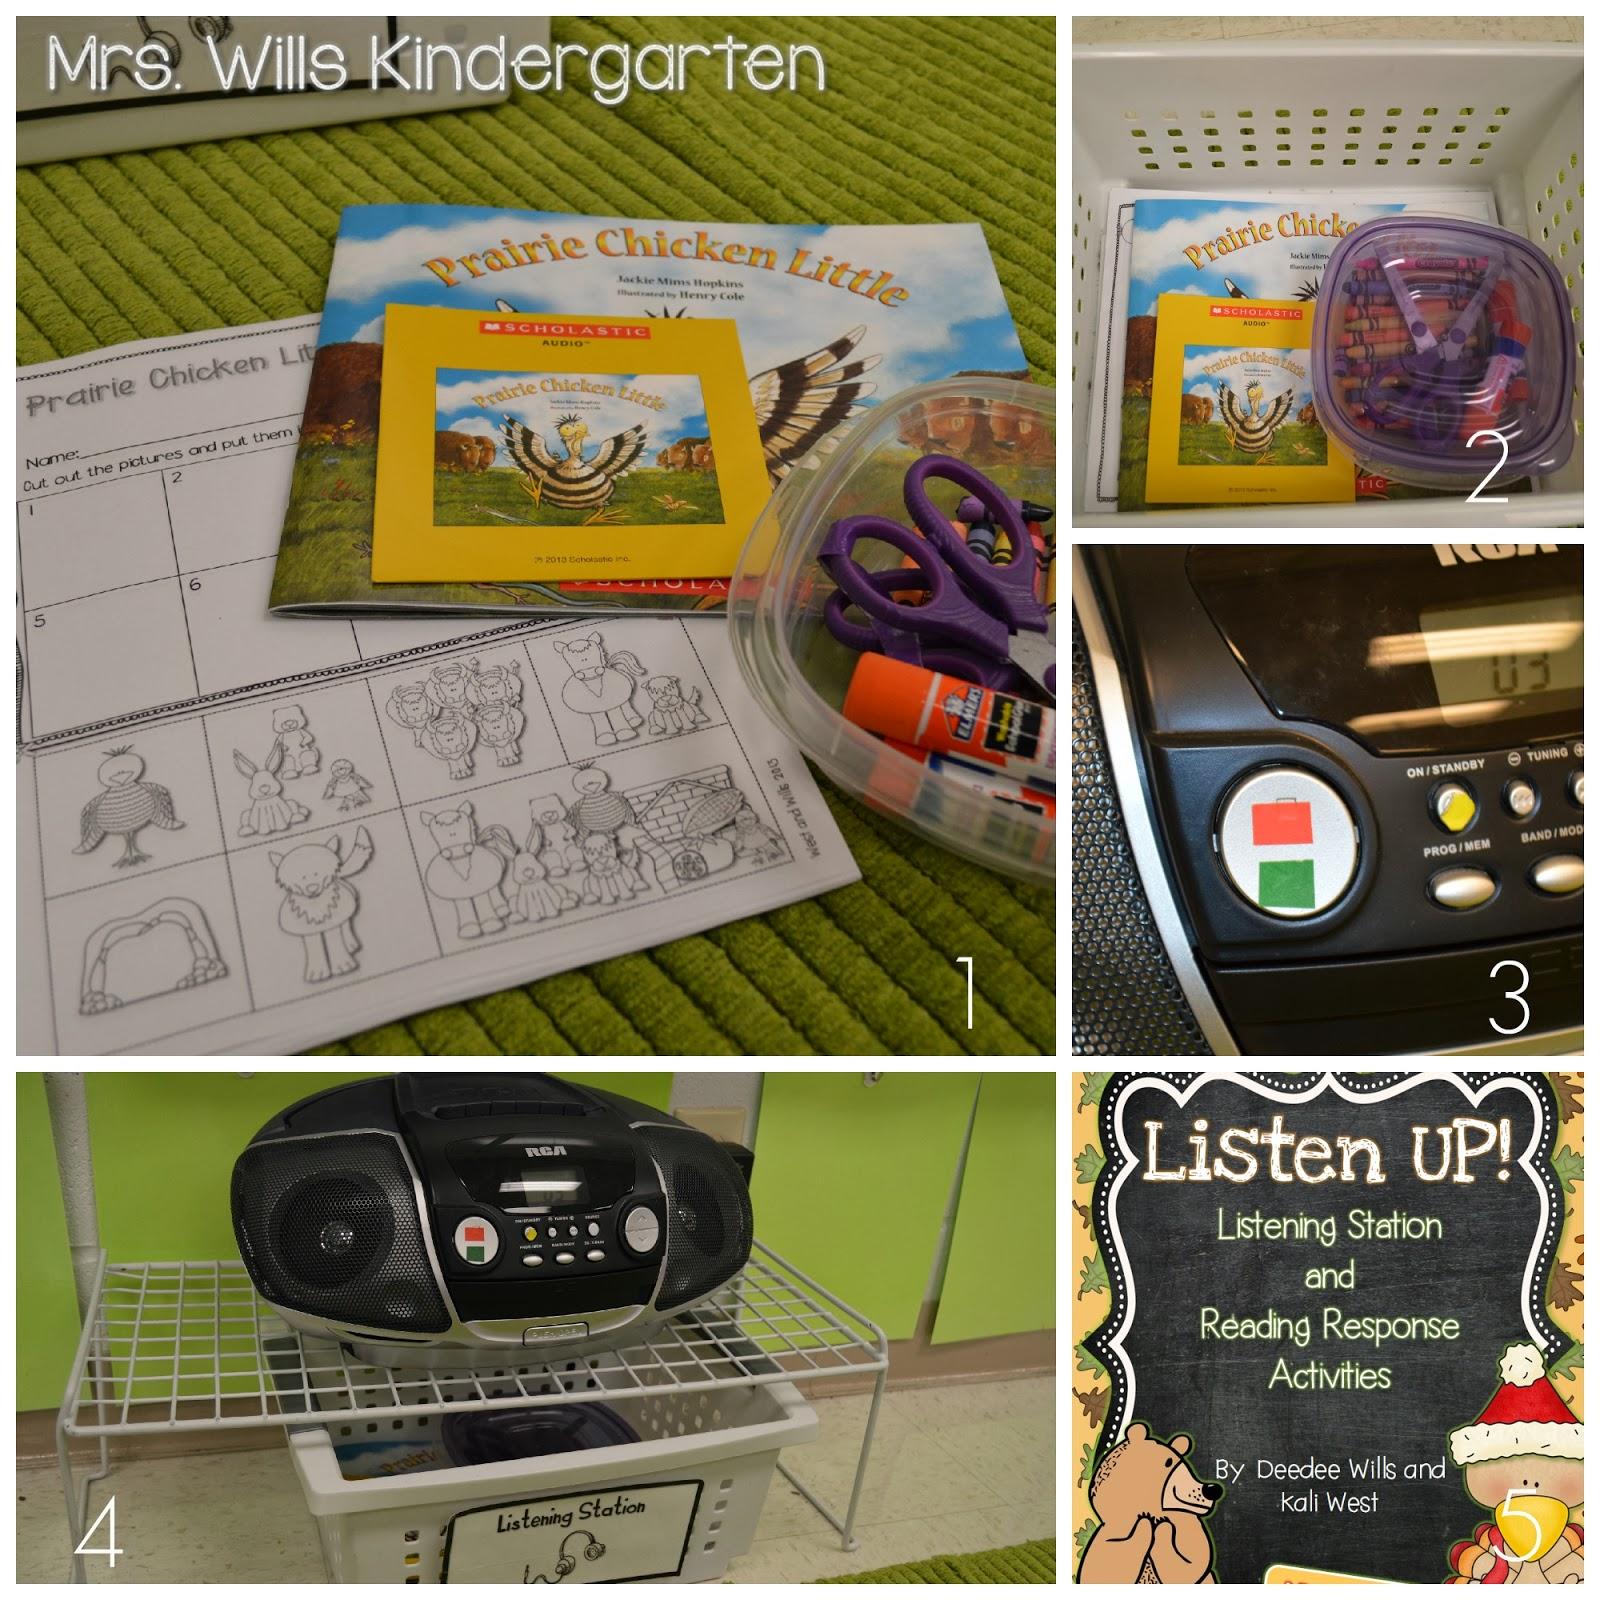 PicMonkey+Collage - Mrs Wills Kindergarten